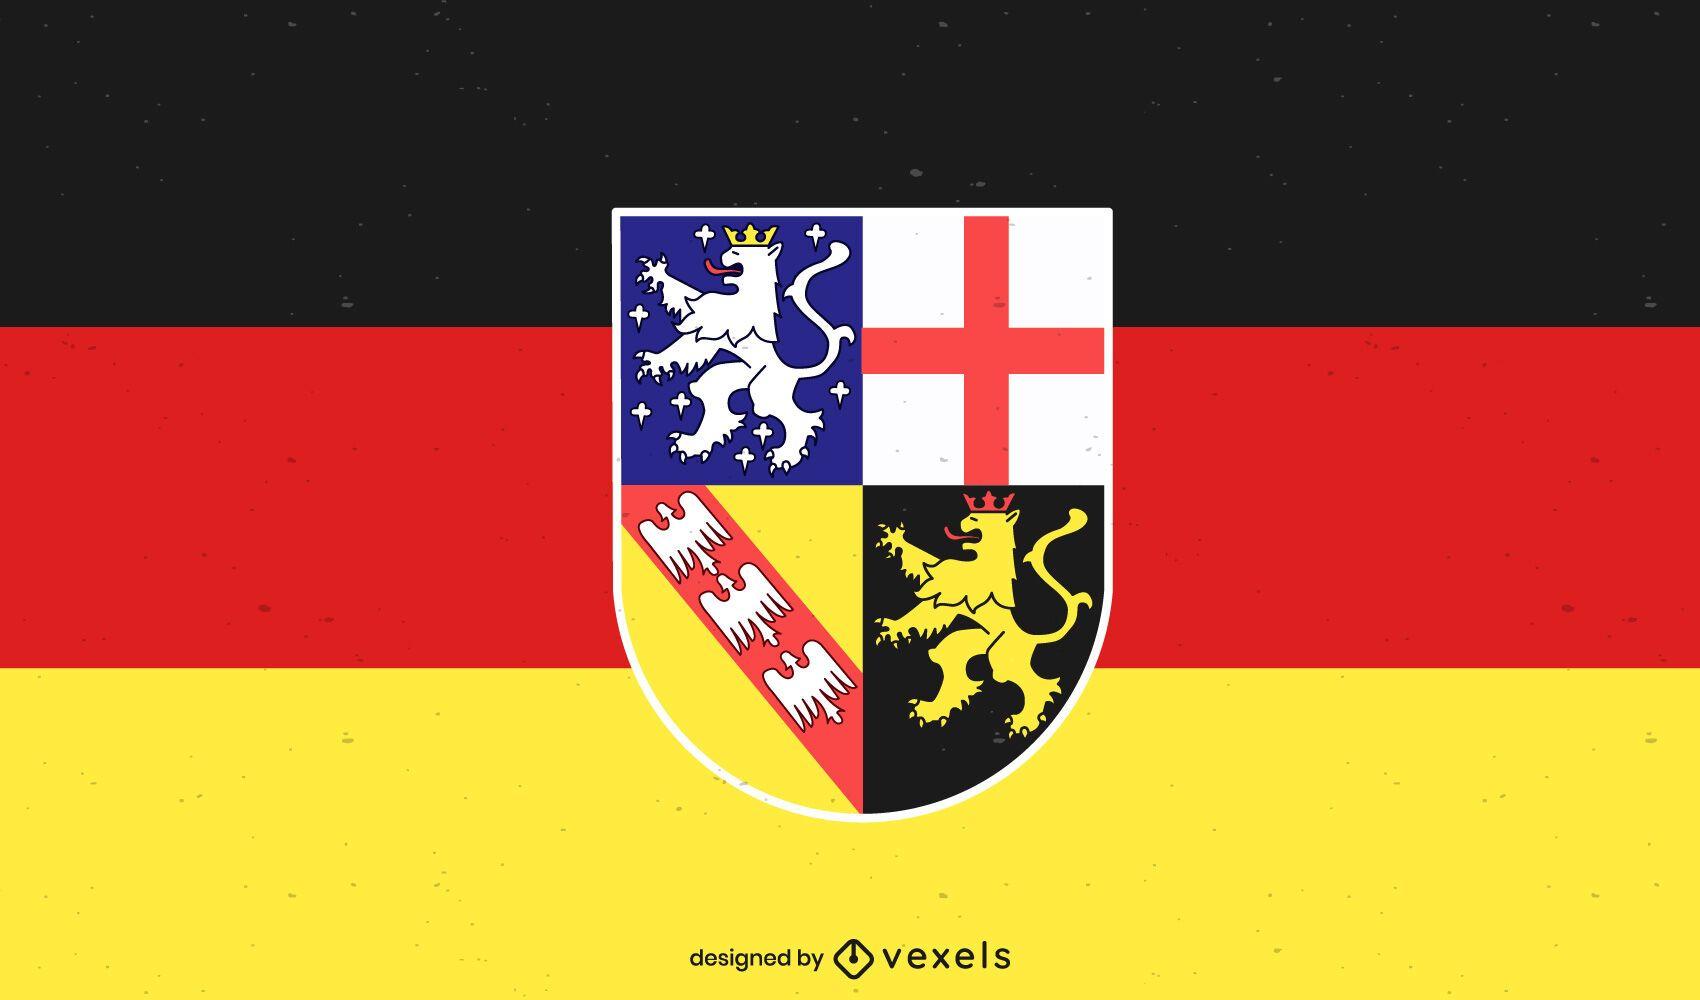 Desenho da bandeira do estado de Saarland